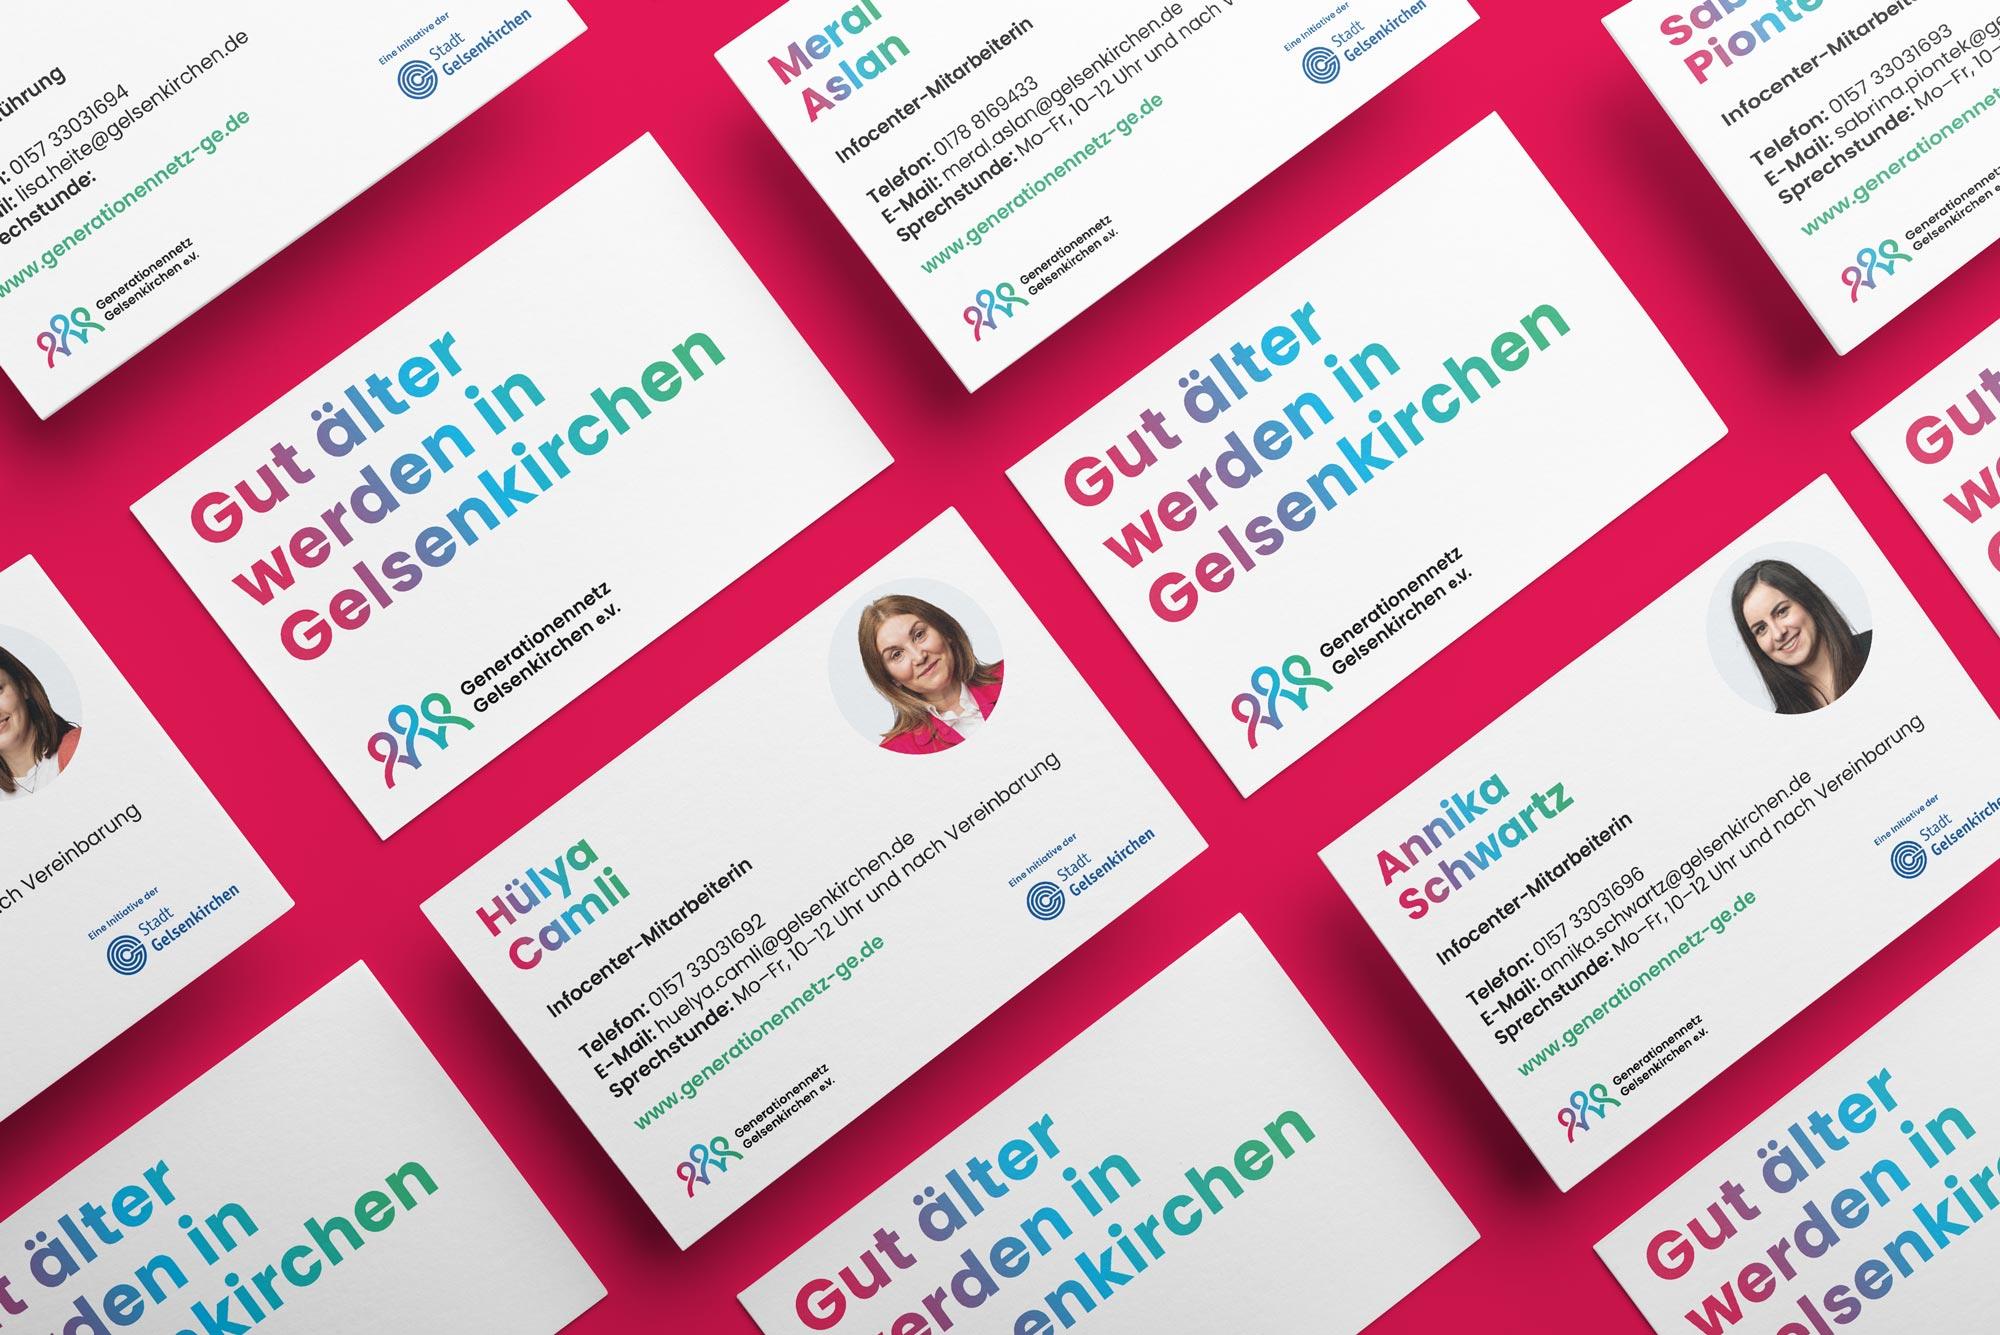 Neue Visitenkarten für das Generationennetz Gelsenkirchen e.V.